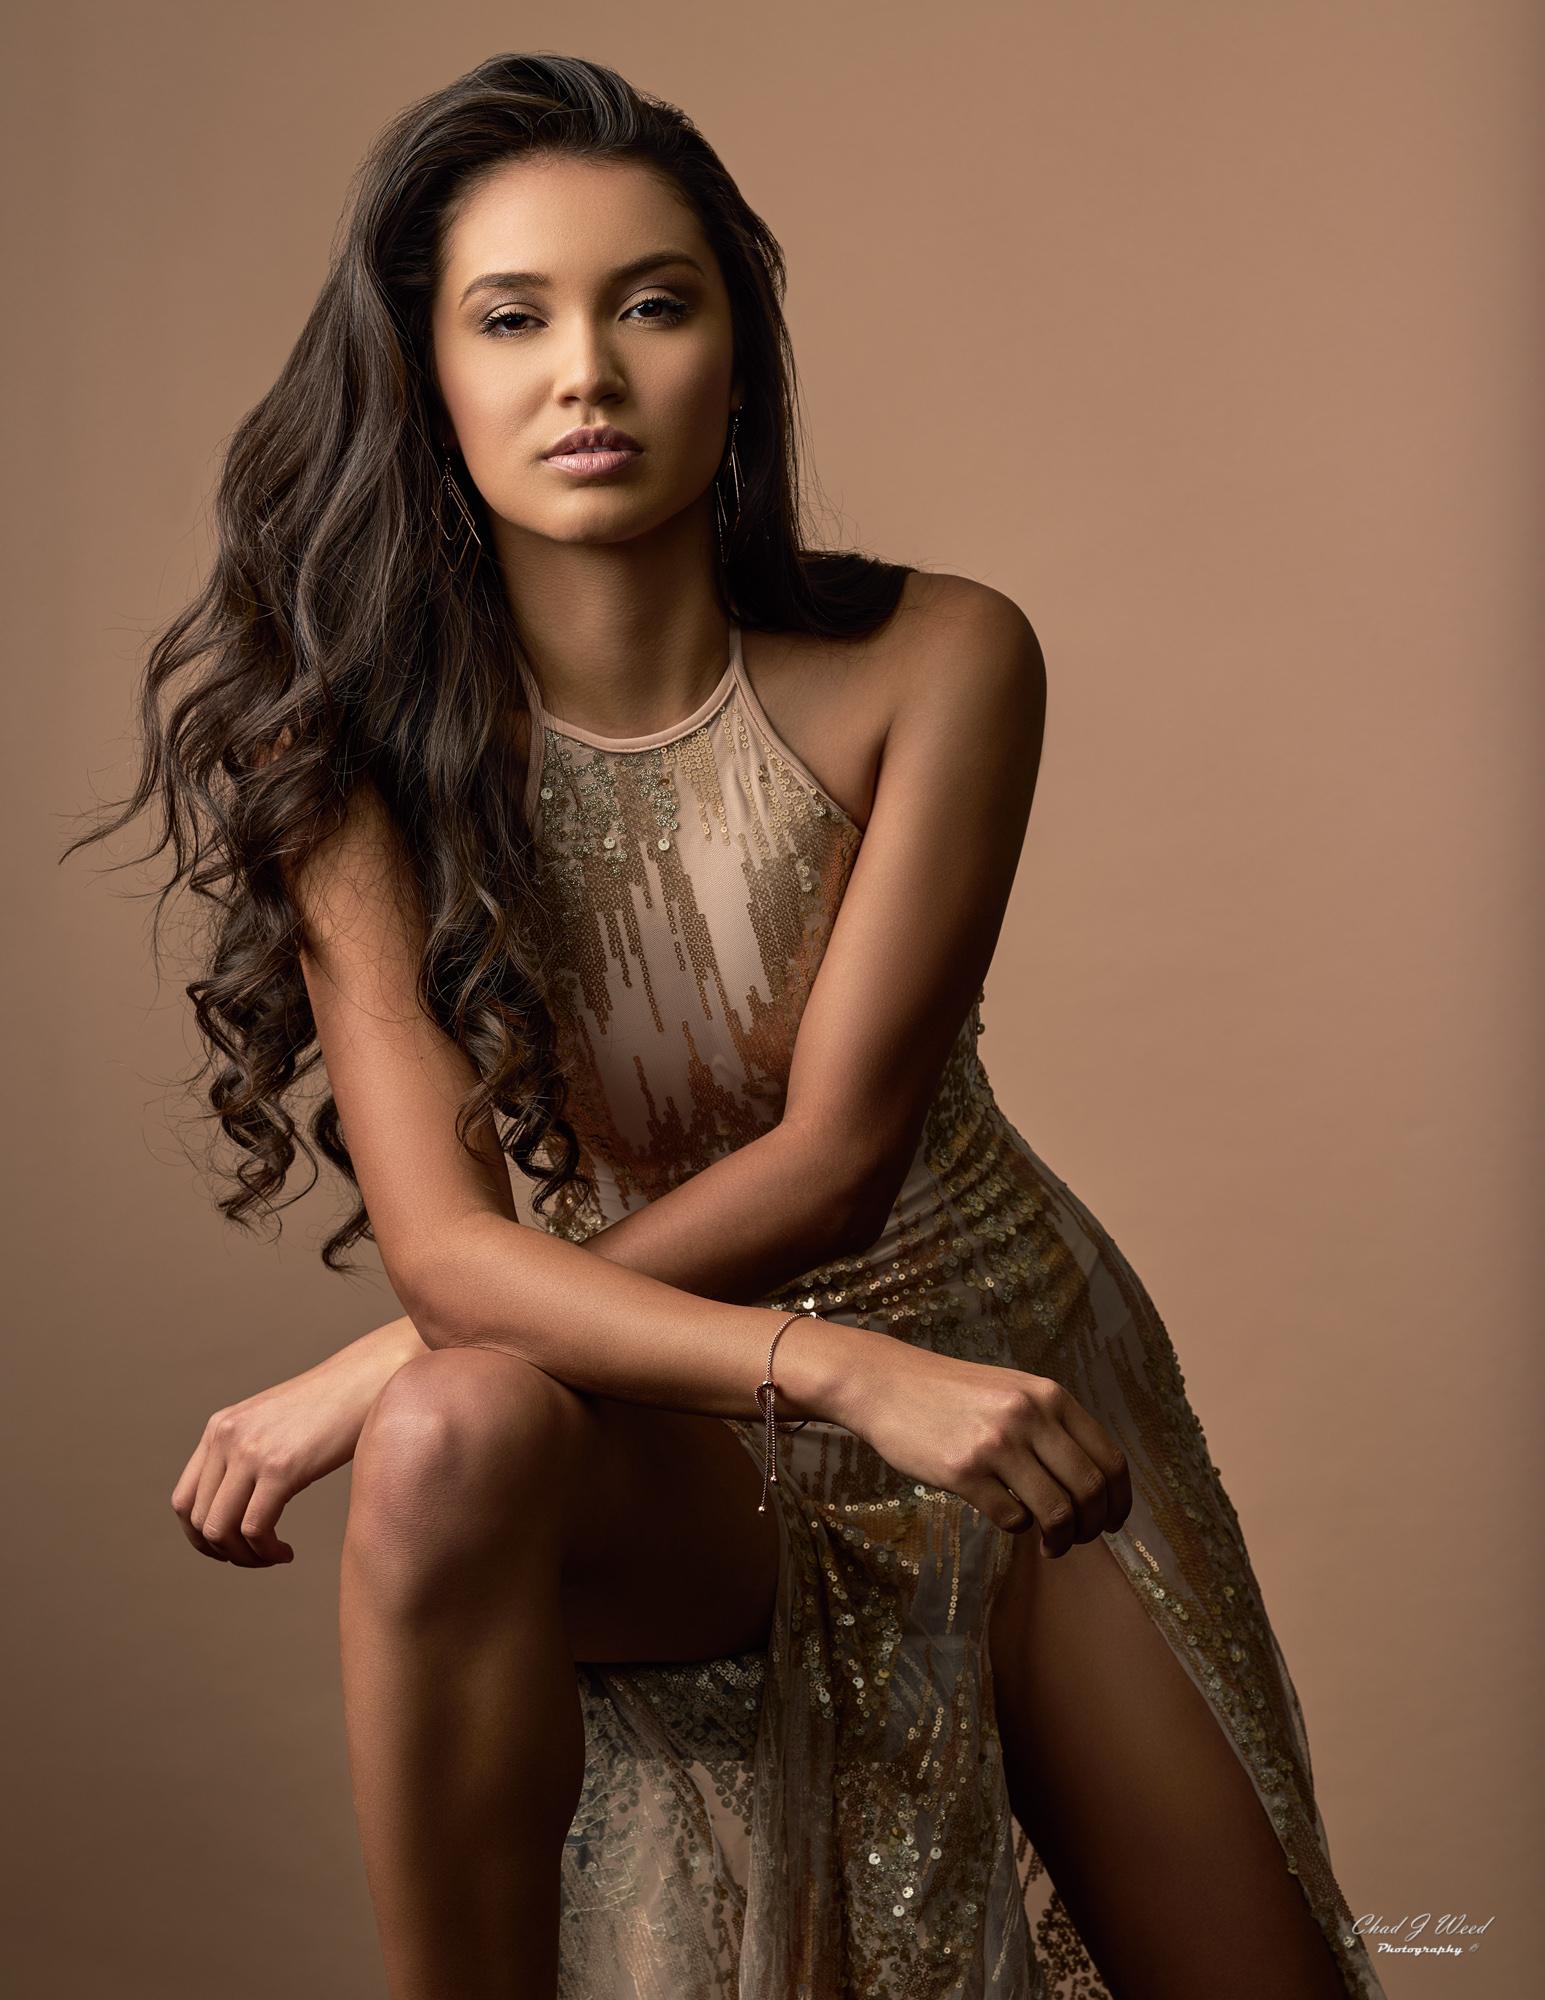 Zari Beauty Portraits by Mesa Arizona Fashion Photographer Chad Weed